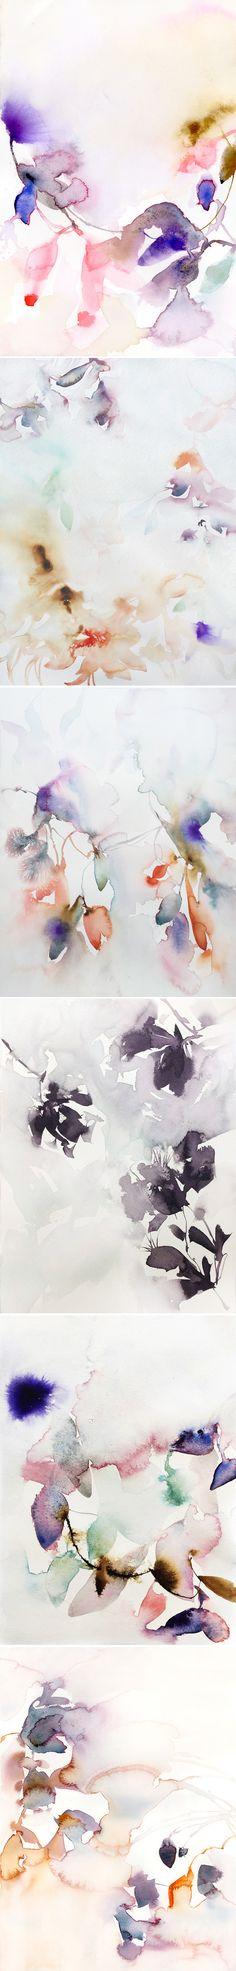 Watercolor abstract flora : Marta Spendowska :: V E R Y M A R T A